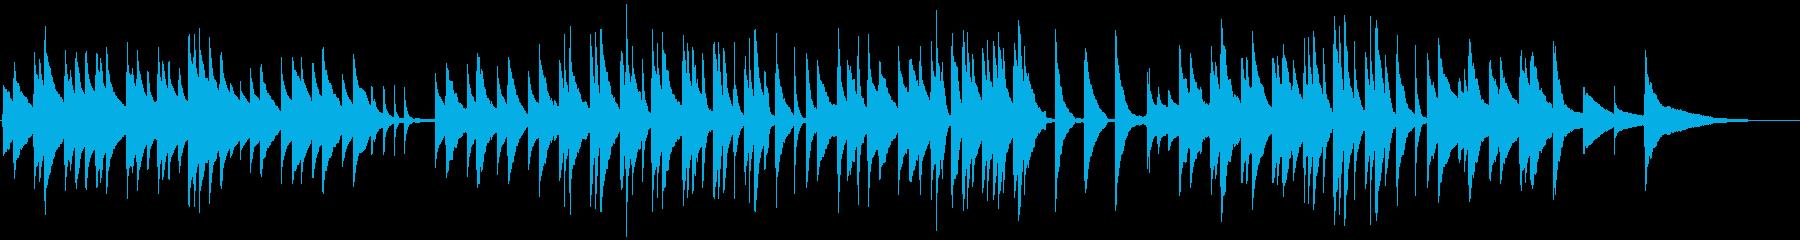 企業用癒しのピアノでほのぼの優しい映像にの再生済みの波形